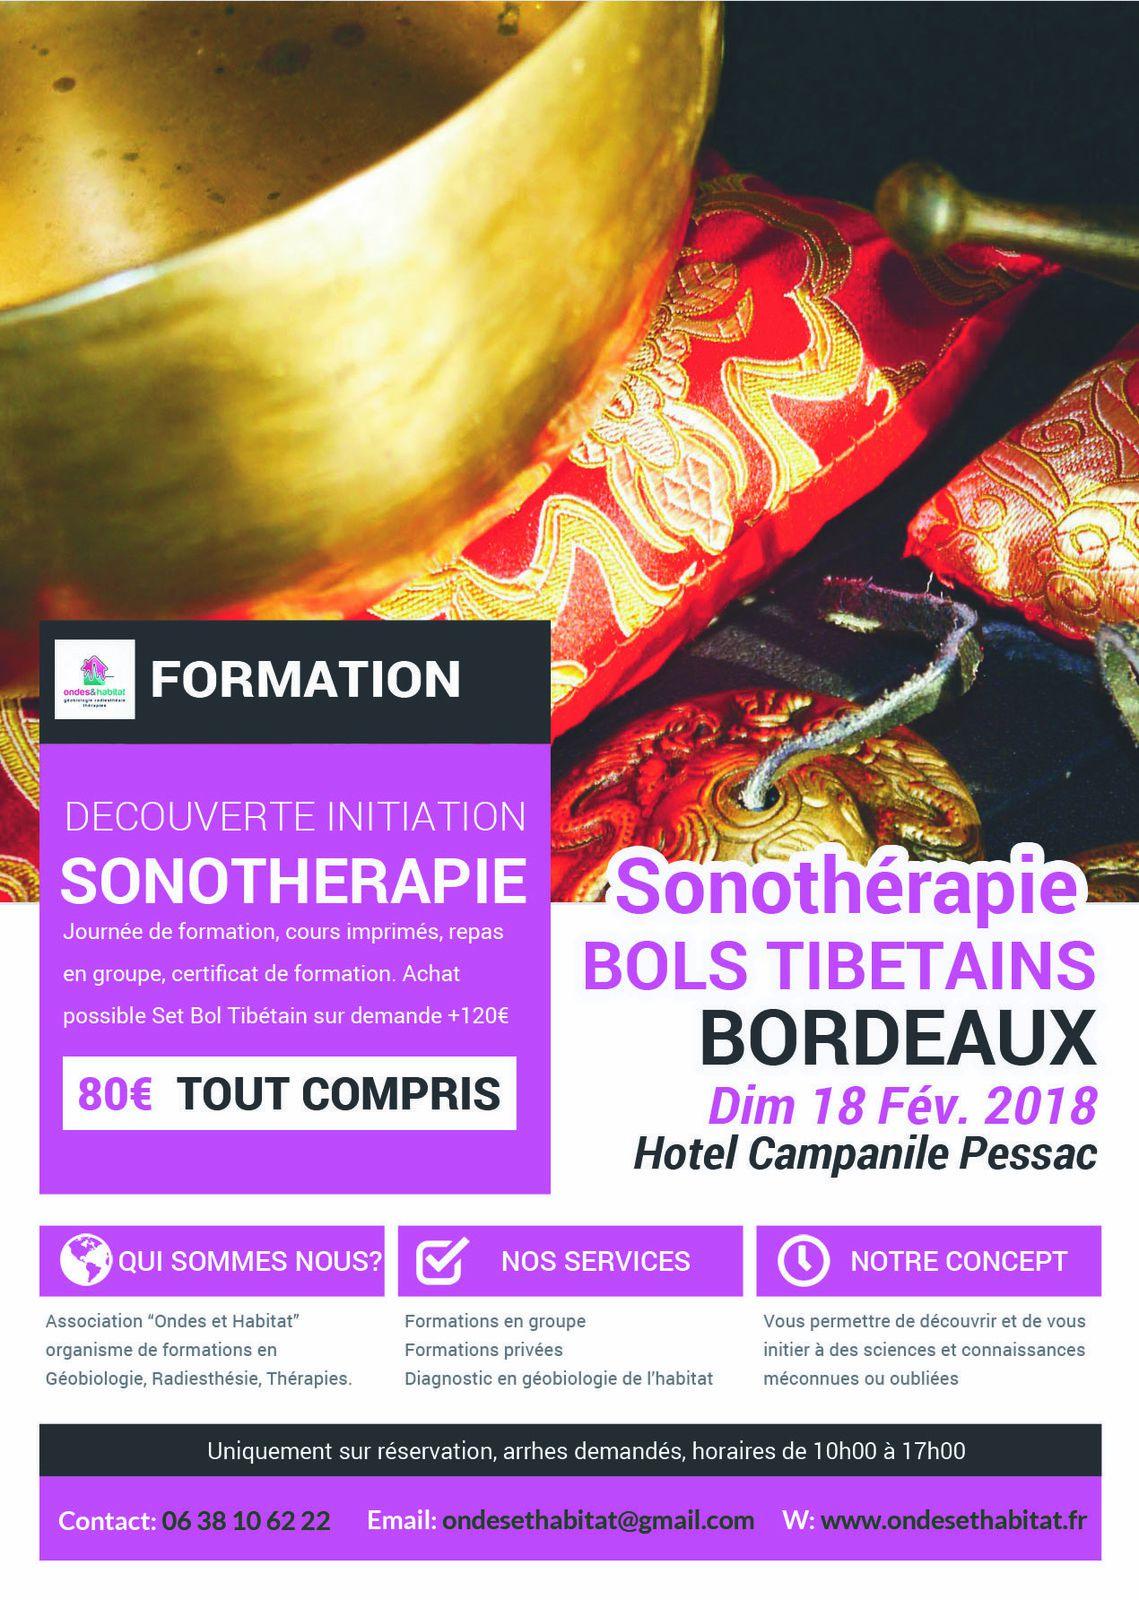 """BORDEAUX-Formation Sonotherapie """"BOLS TIBETAINS, utilisation CORPS et CHAKRAS"""" Dimanche 18 Février 2018"""